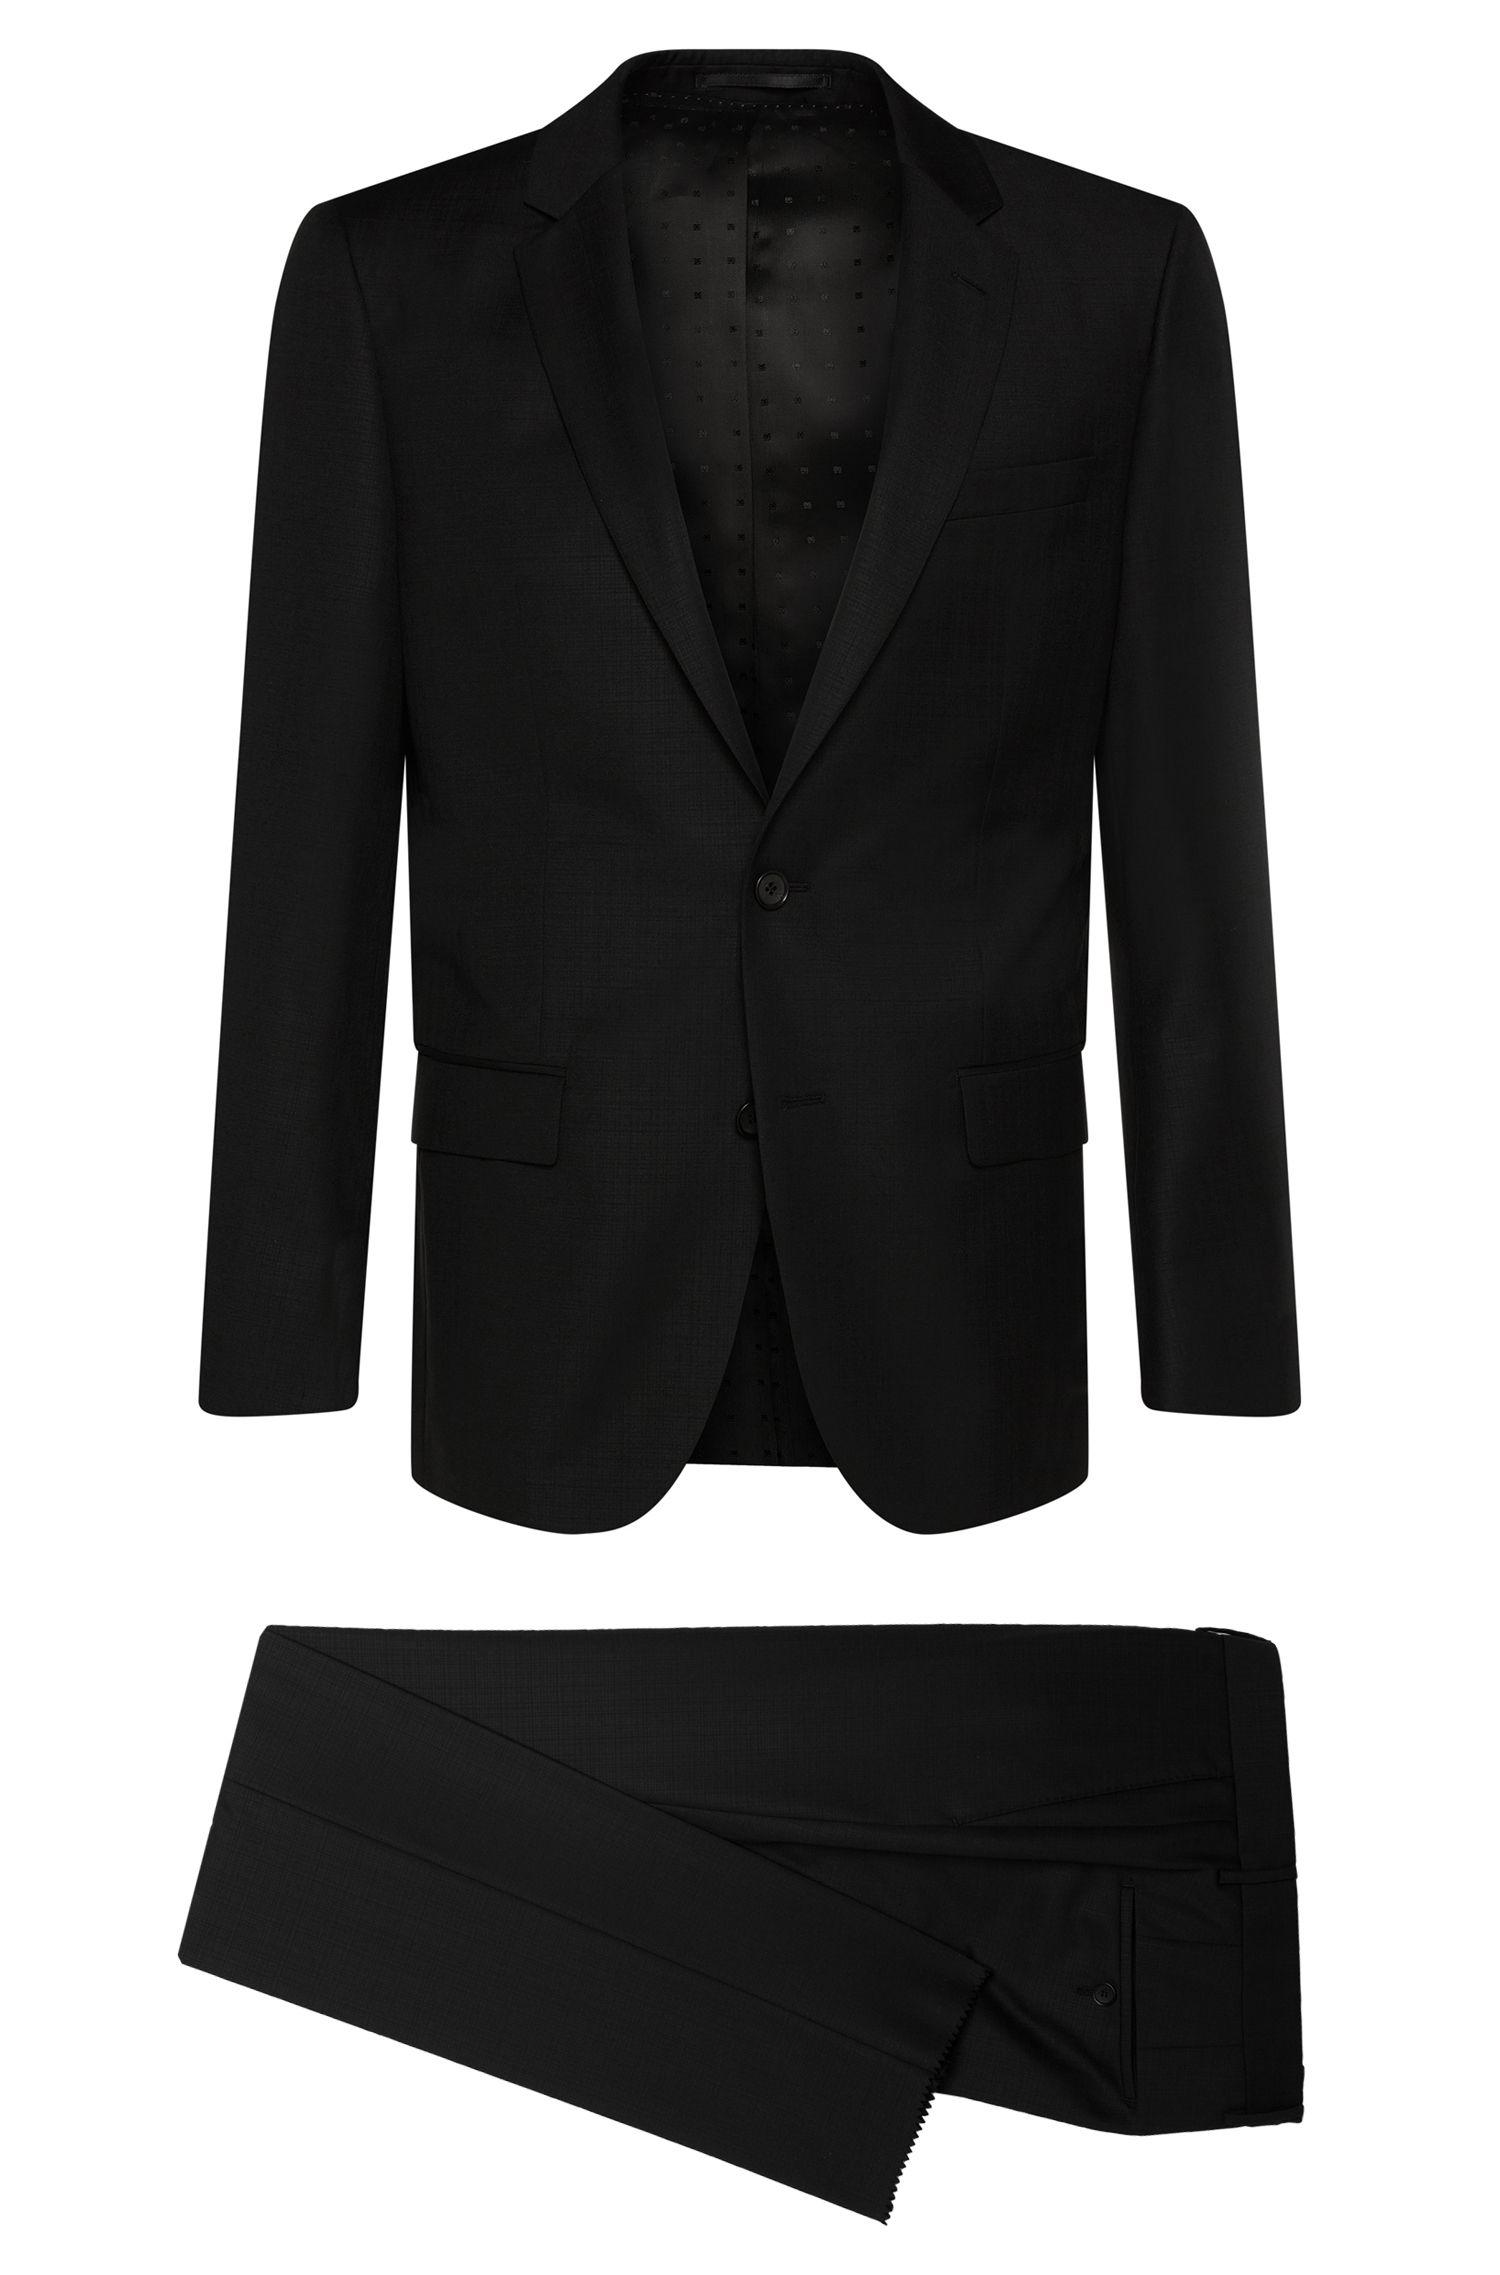 'T-Harvers/Glover' | Slim Fit, Italian Virgin Wool Plaid Suit